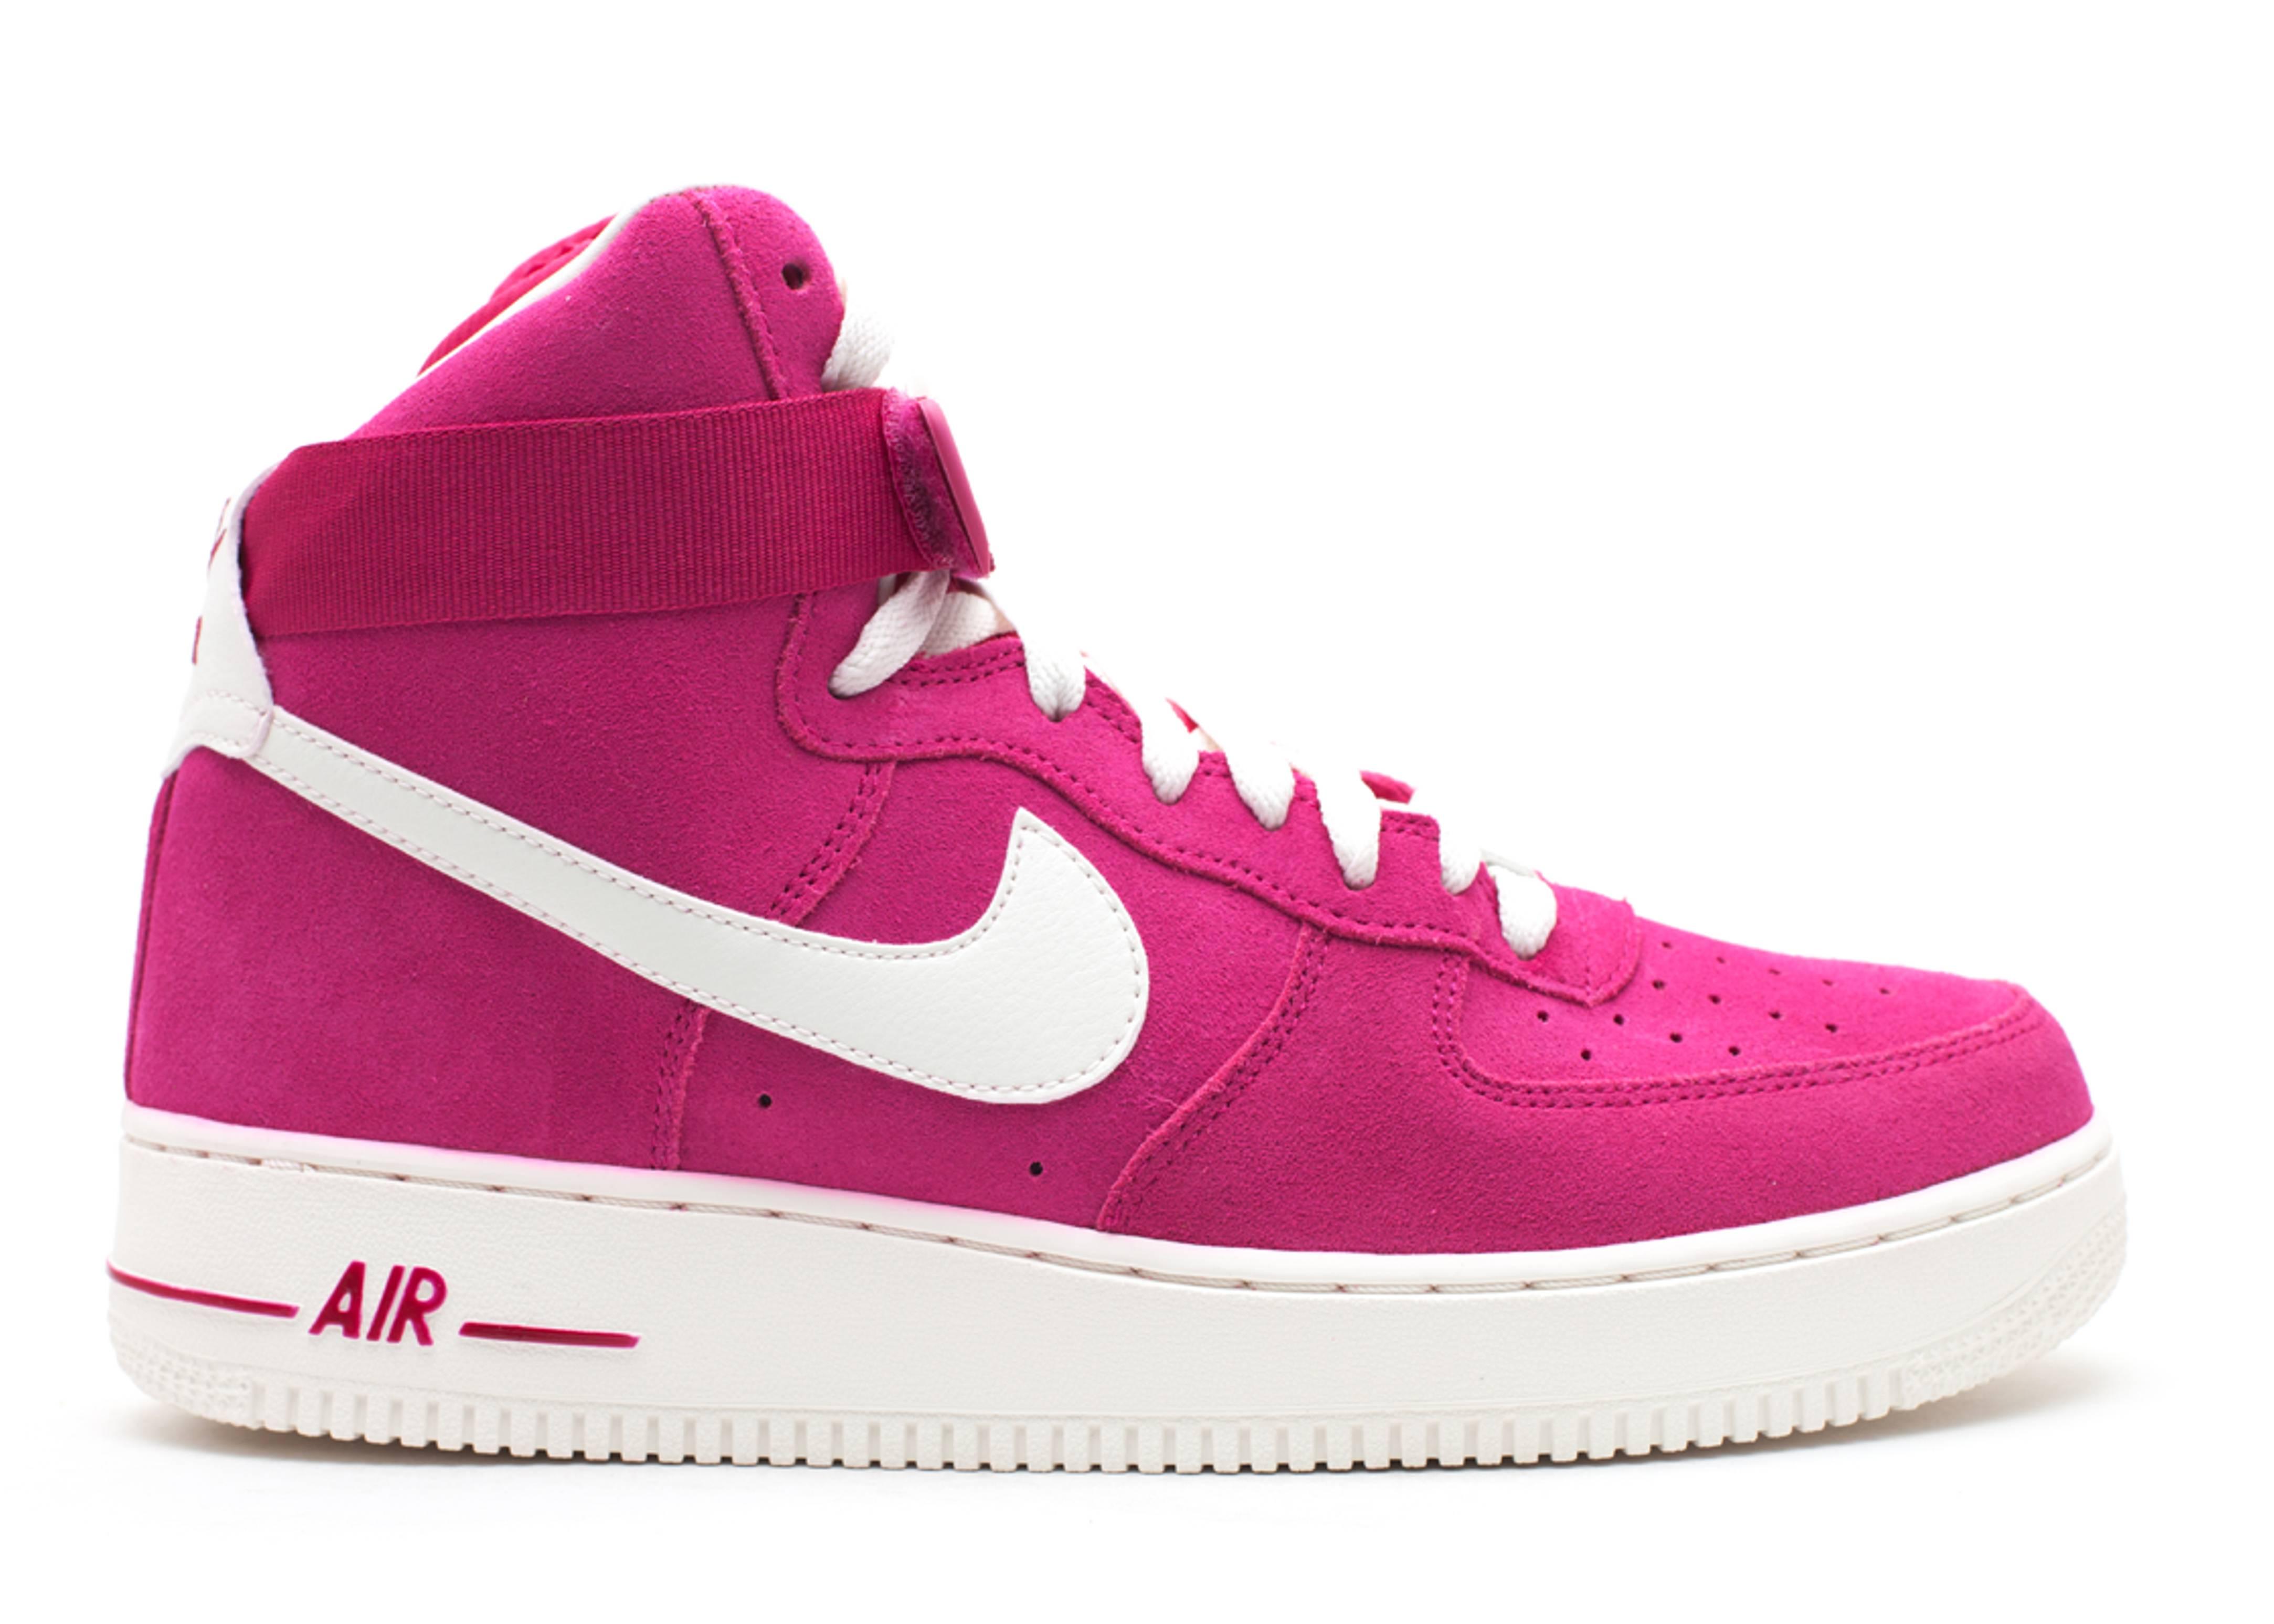 Nike Blazer High, Nike Dunk High, Nike Air Force 1 Low